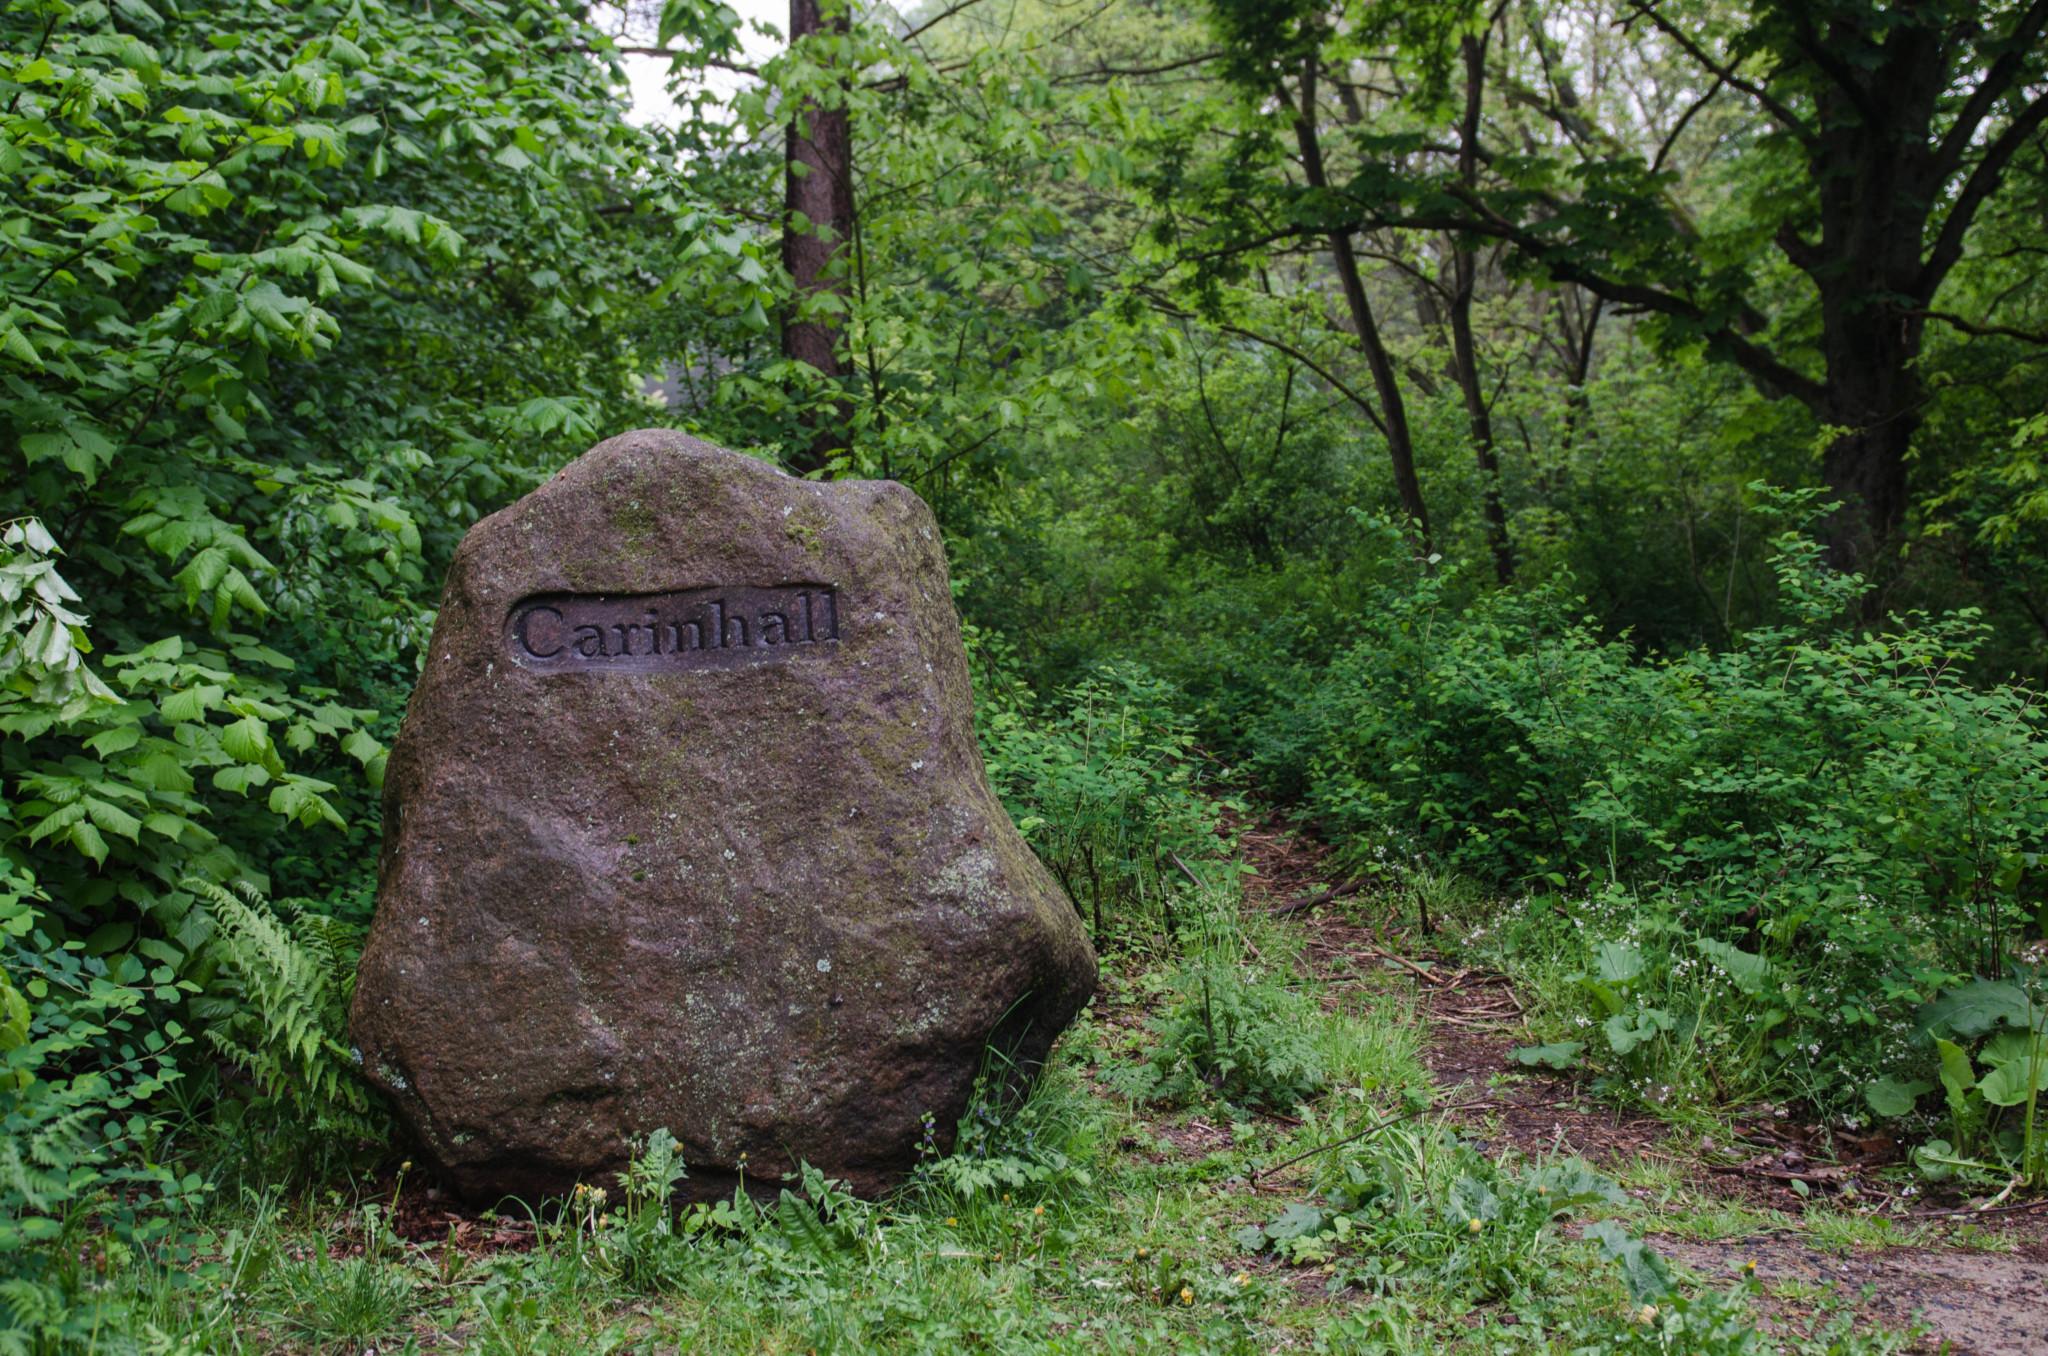 Carinhall kann man gut in Brandenburg bei schlechtem Wetter besuchen